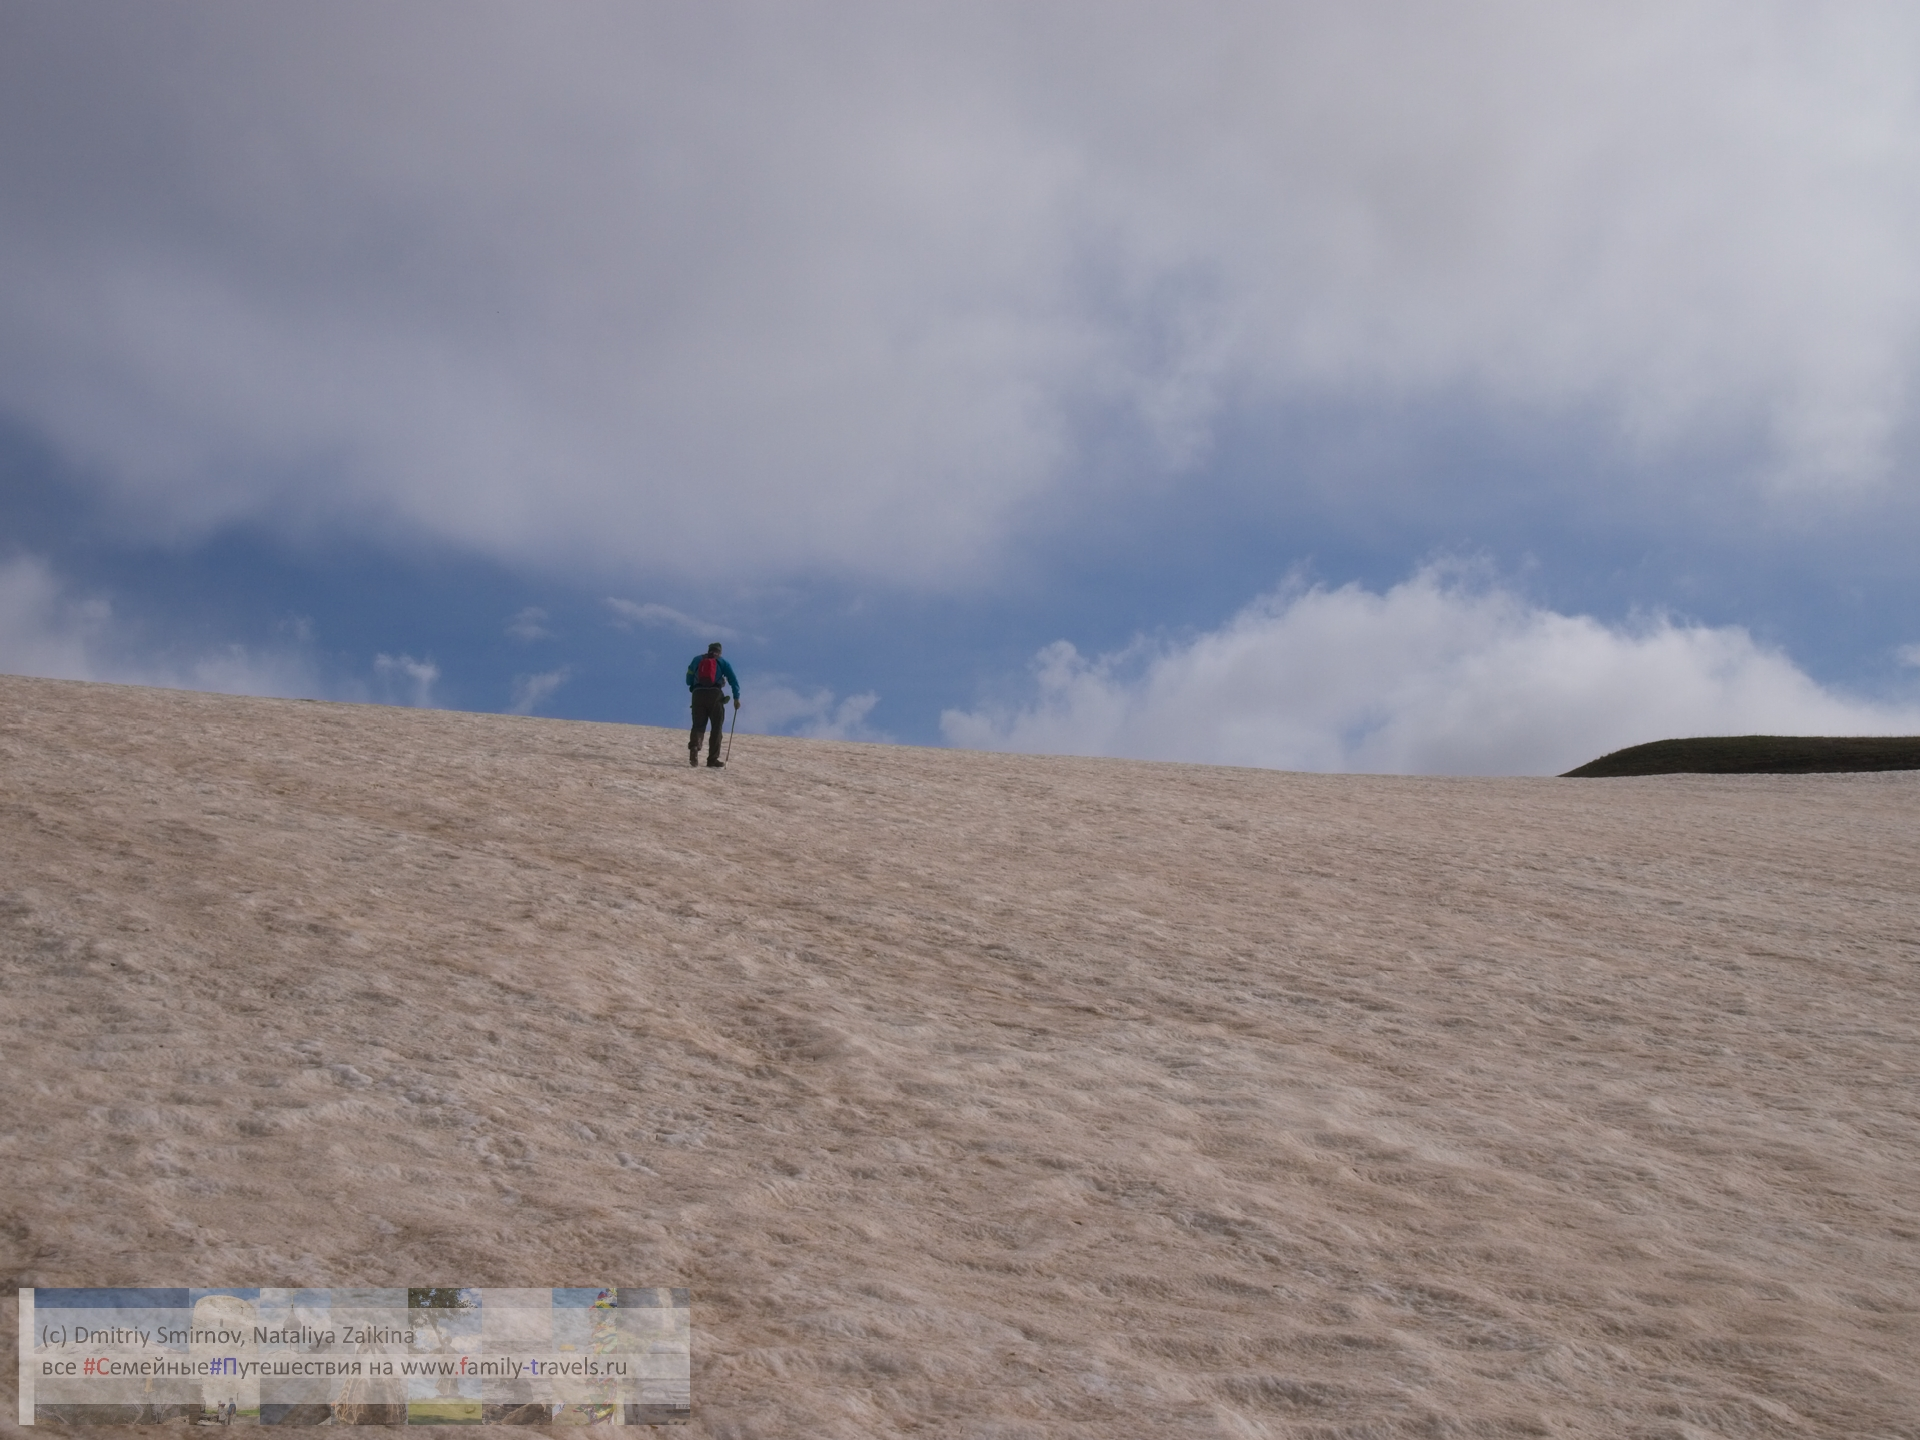 Путешествия  Минутка физики и полезных советов! (в горы, с детьми и без лишних телодвижений)